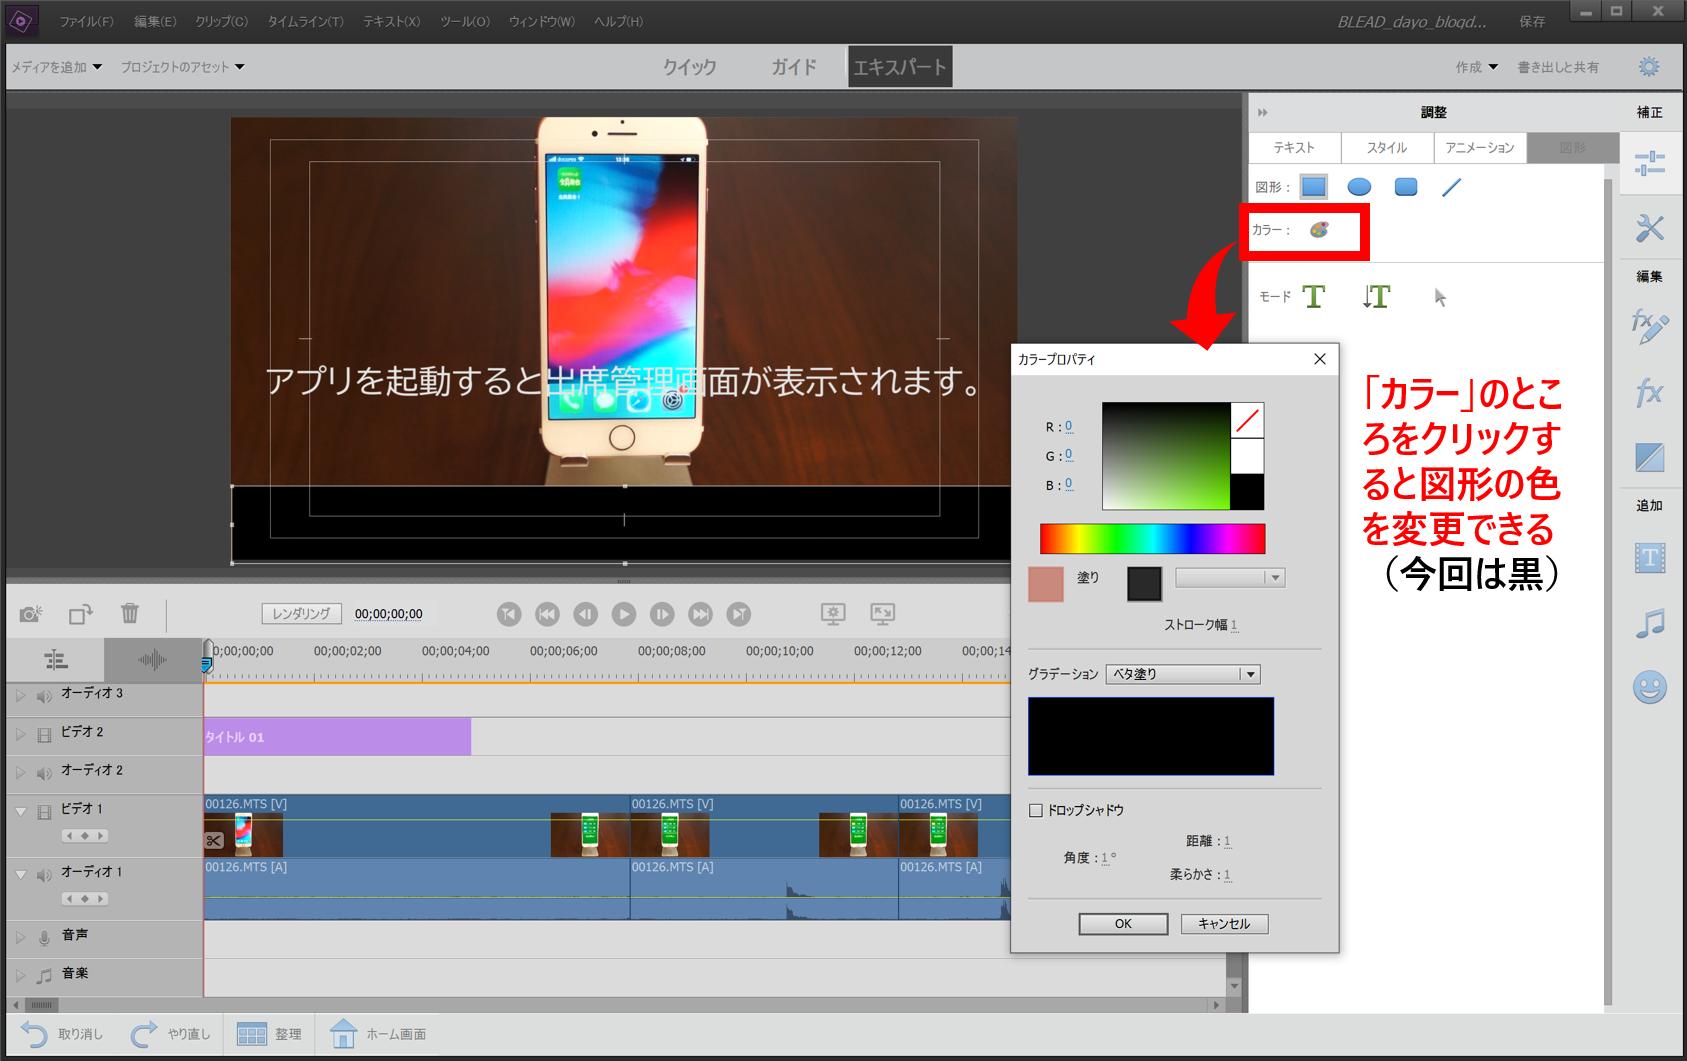 配置した図形の色をカラーパレットで選んで変更する画像